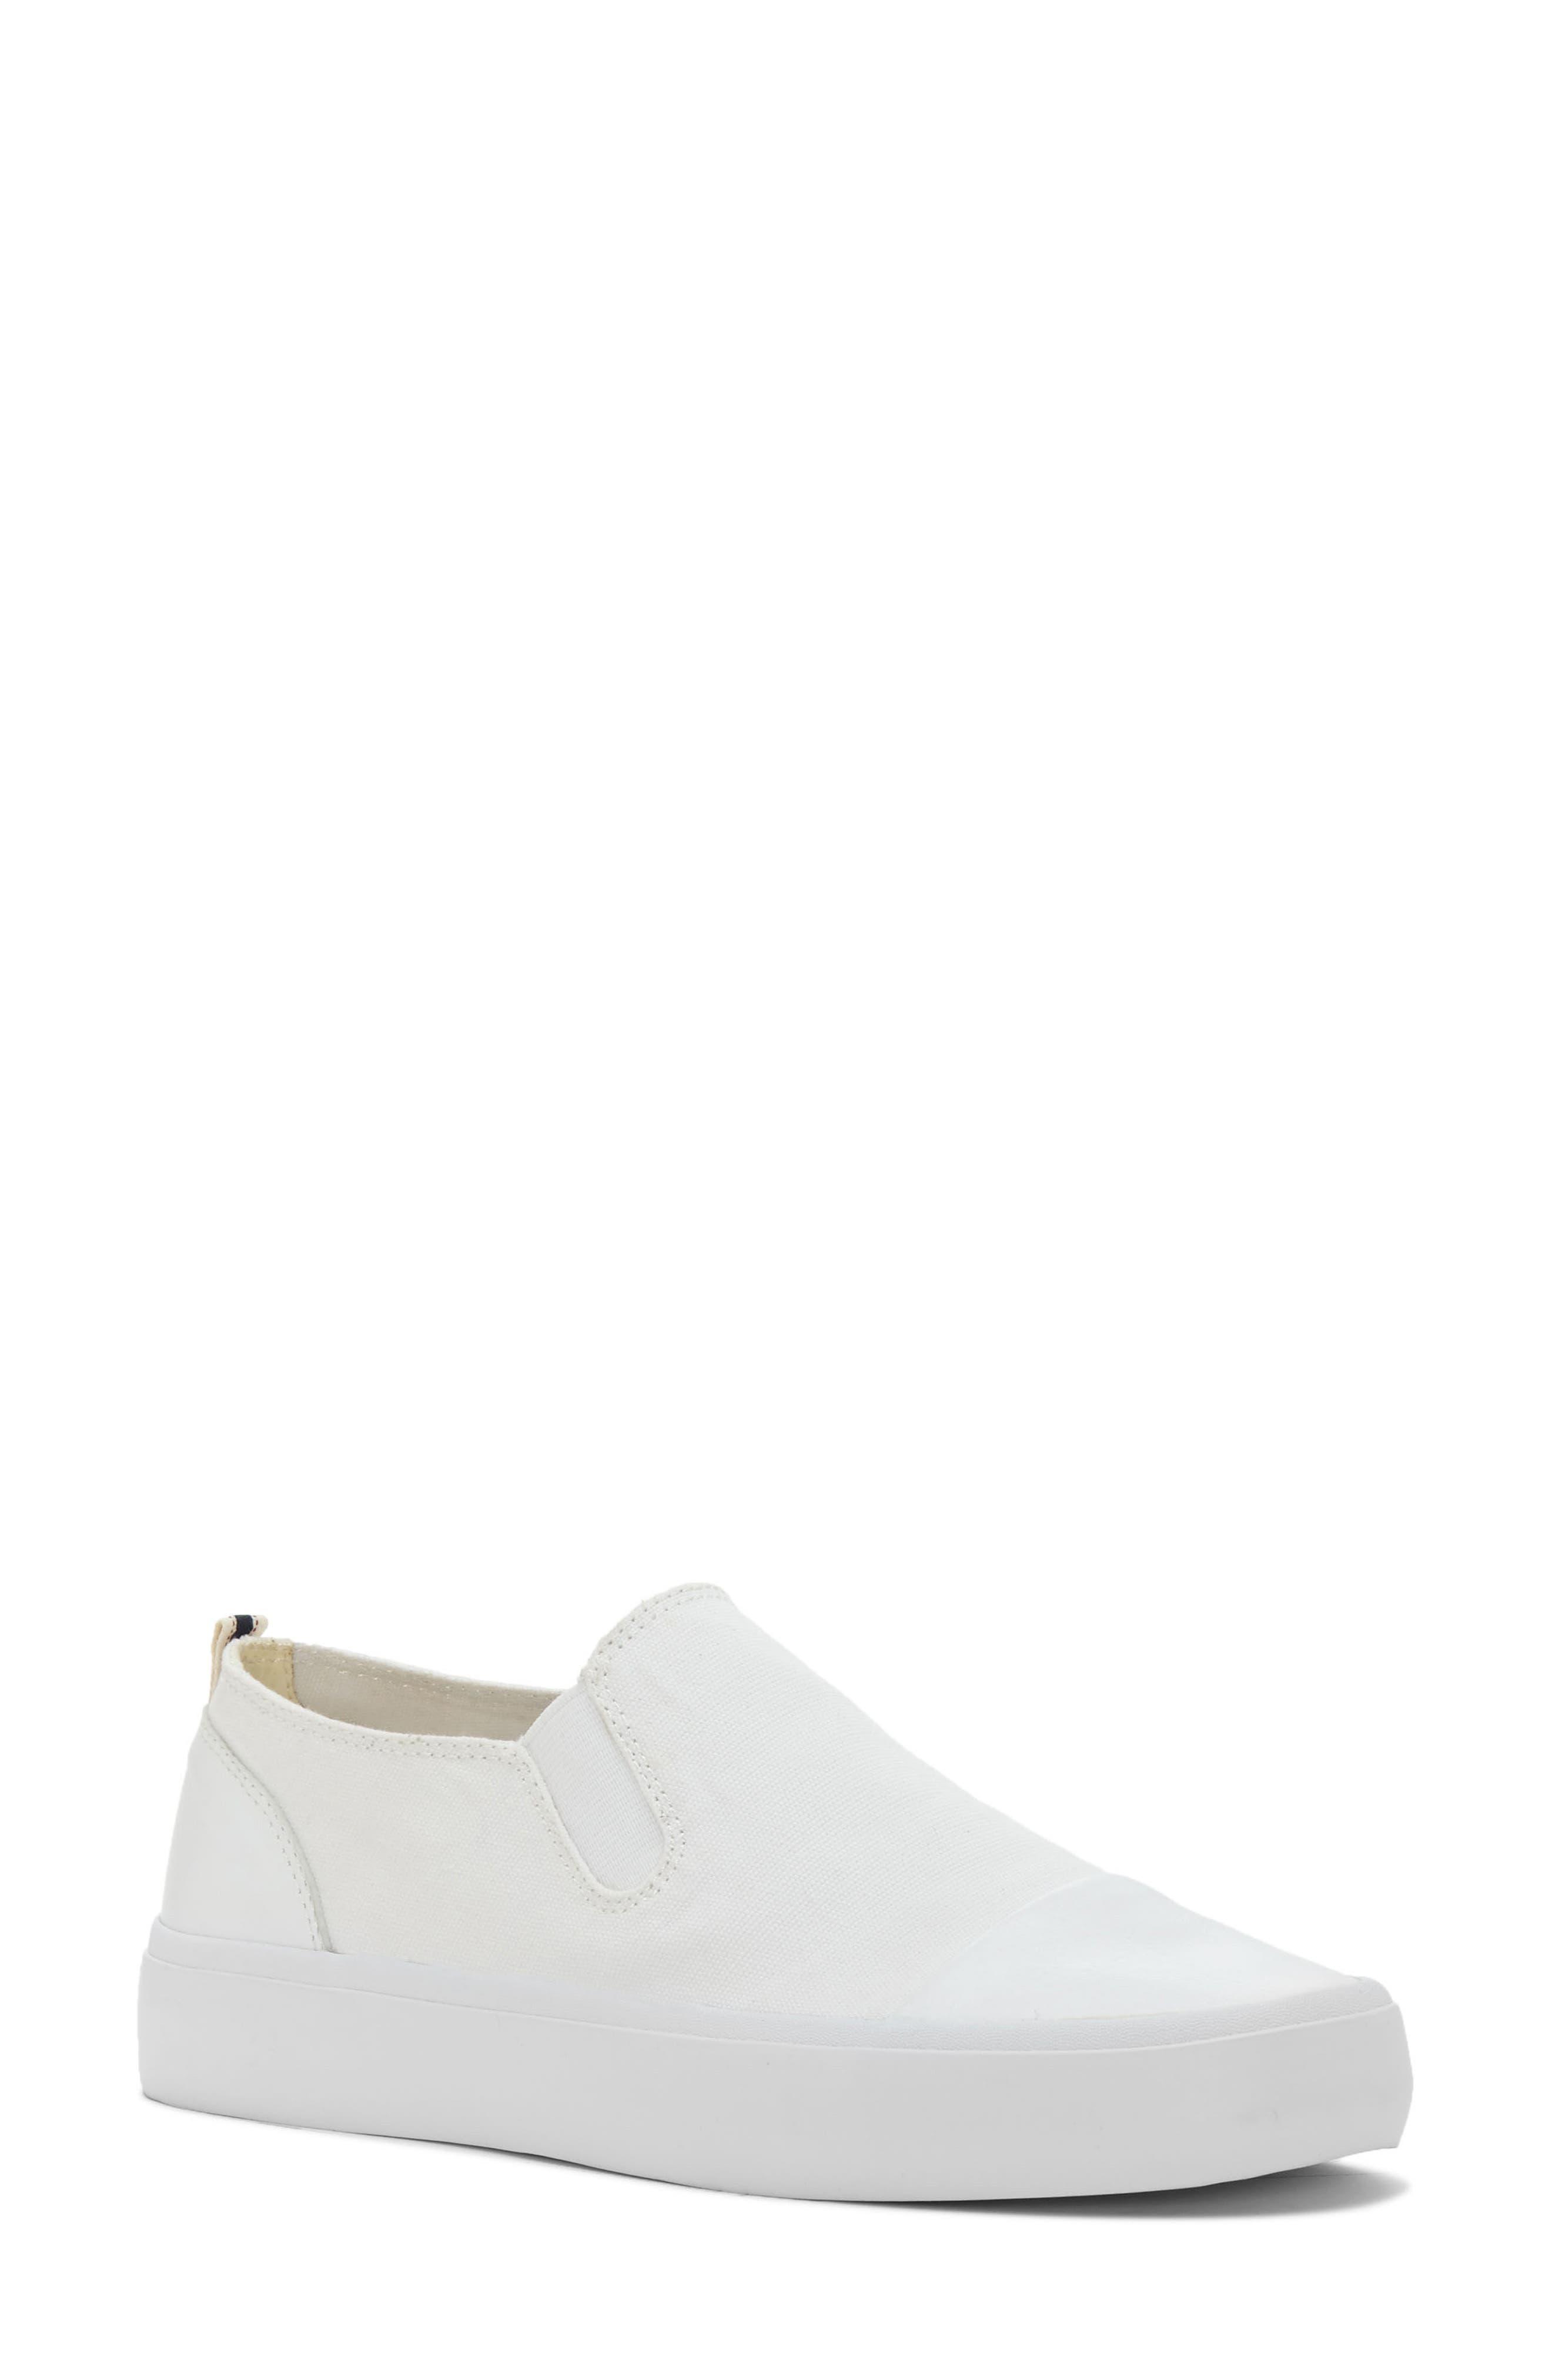 Darja Slip-On Sneaker,                         Main,                         color, 110